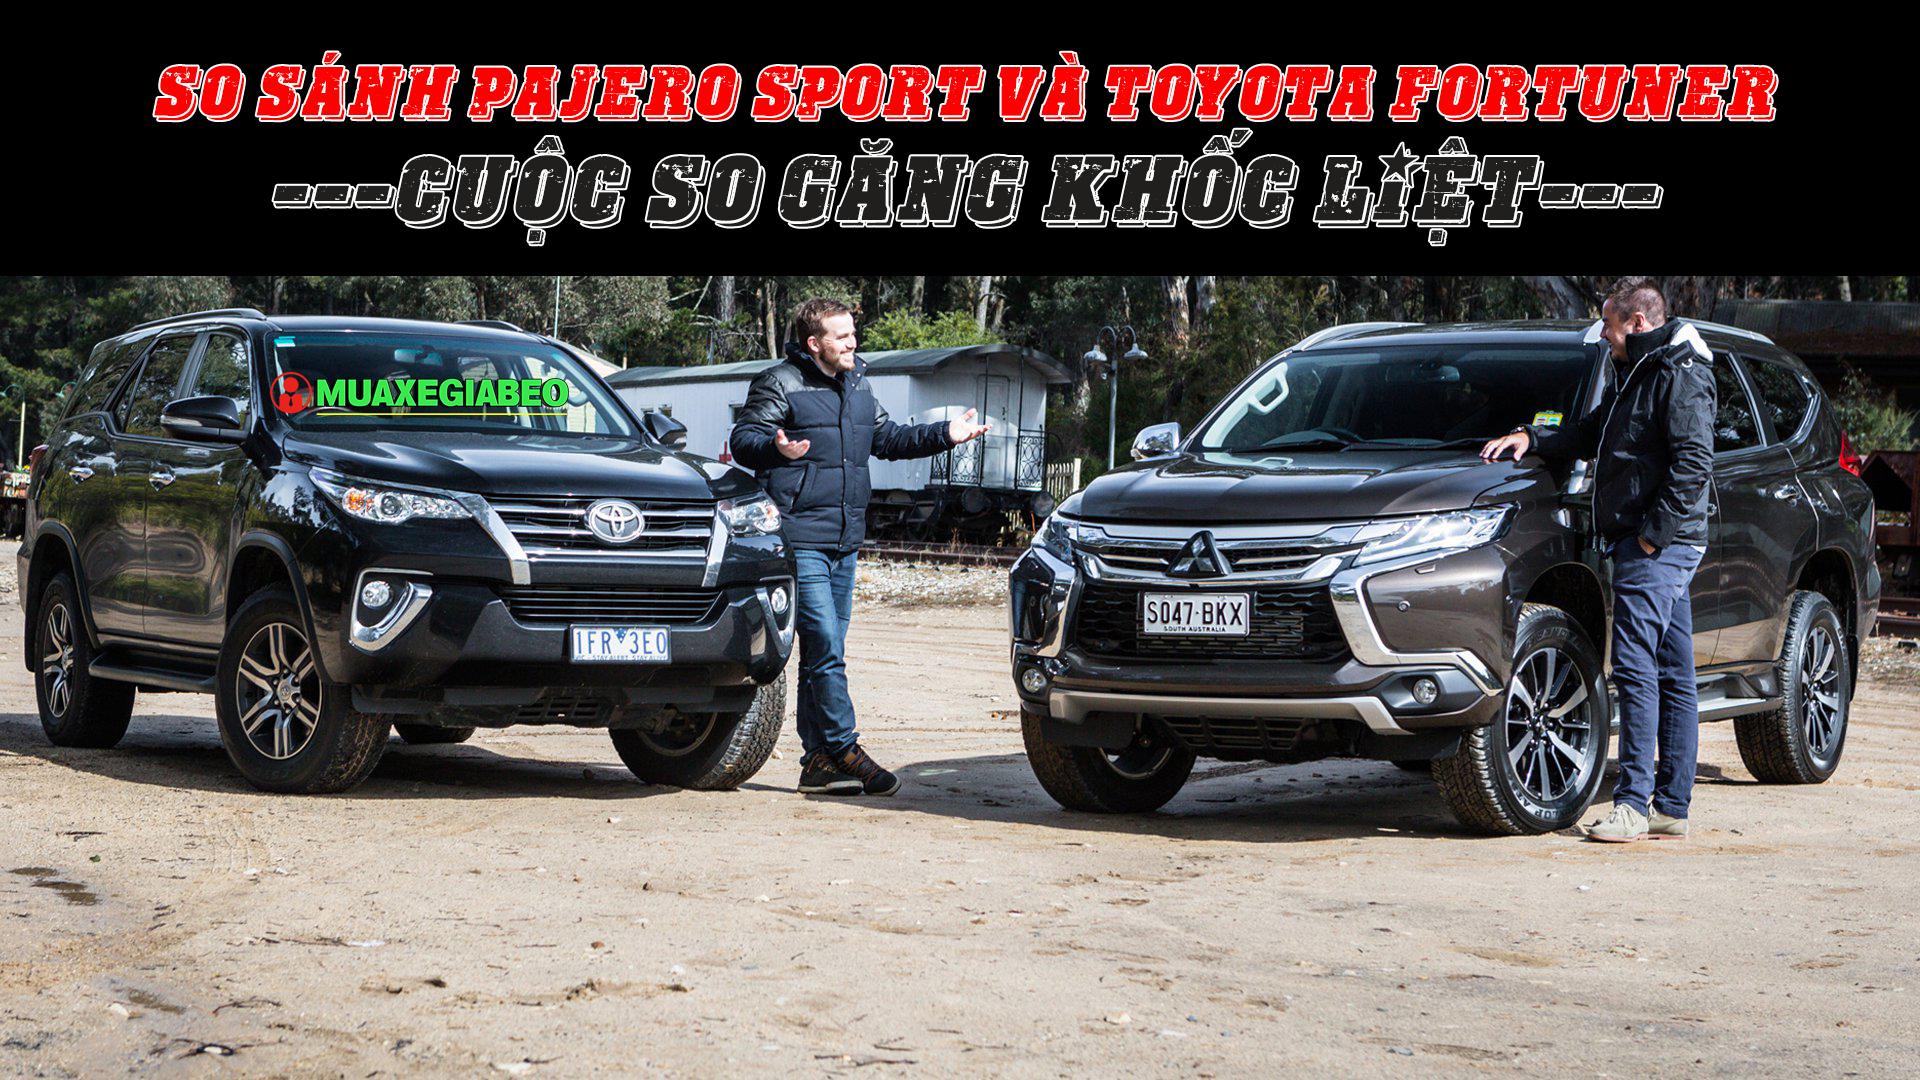 So sánh Pajero Sport và Fortuner - Cuộc so găng khốc liệt ảnh 15